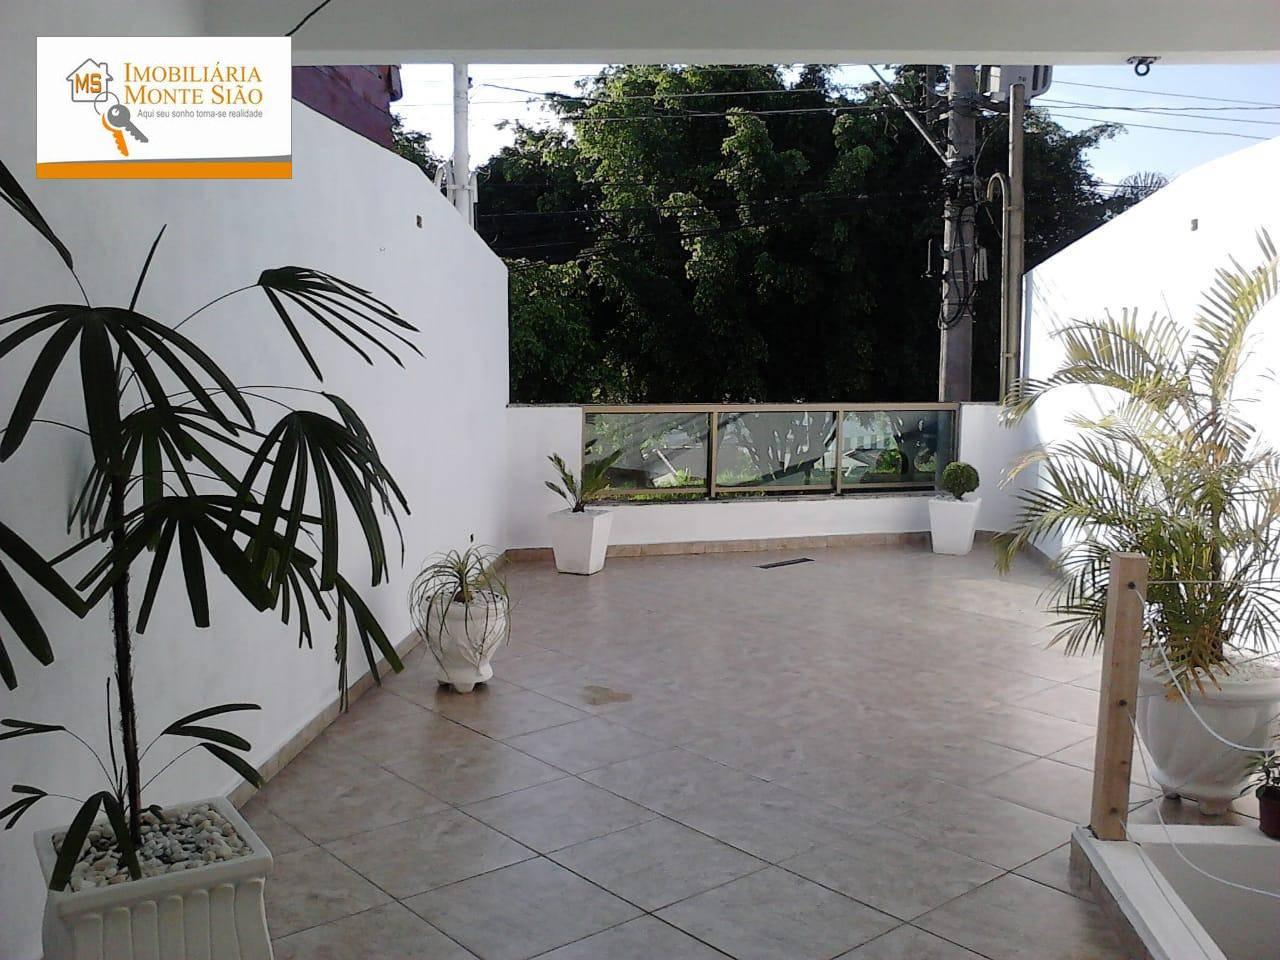 Sobrado com 2 dormitórios à venda, 220 m² por R$ 400.000,00 - Jardim Santa Clara - Guarulhos/SP